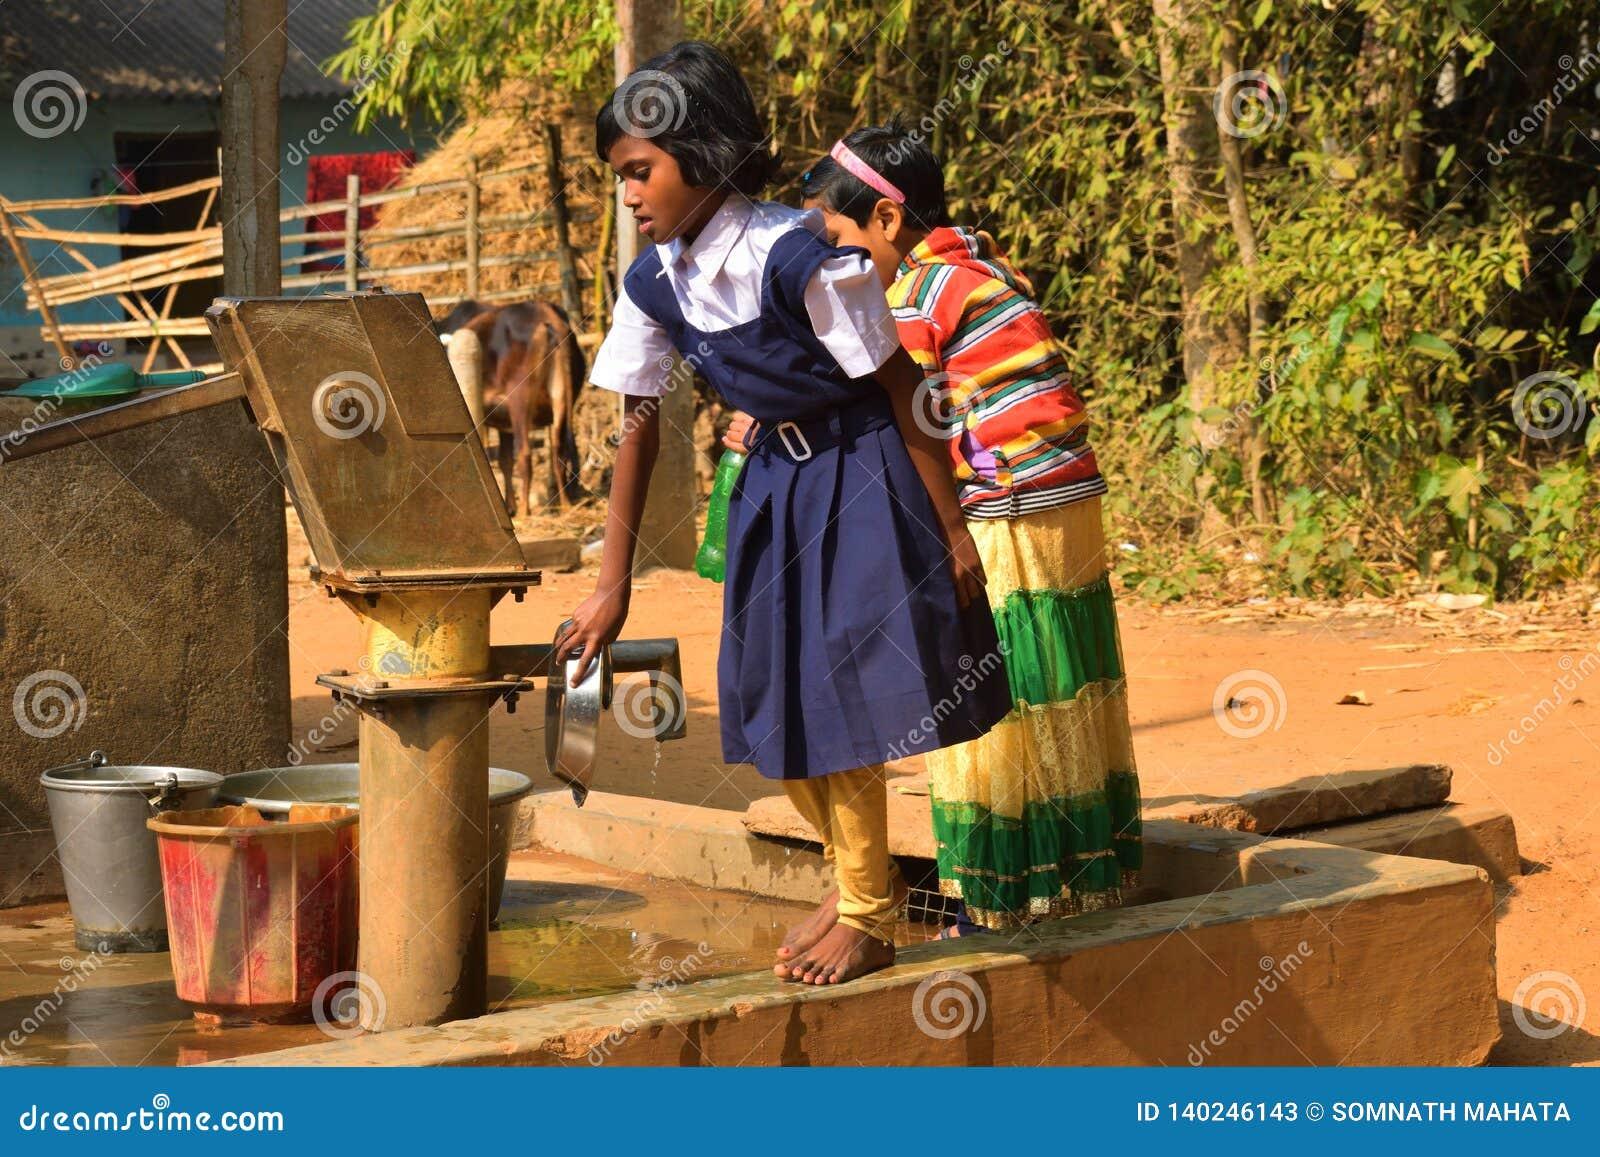 Två grundskola för barn mellan 5 och 11 årflickor tvättar deras hand och deras disk, innan de tar Mitt--dagen mål i en grundskola